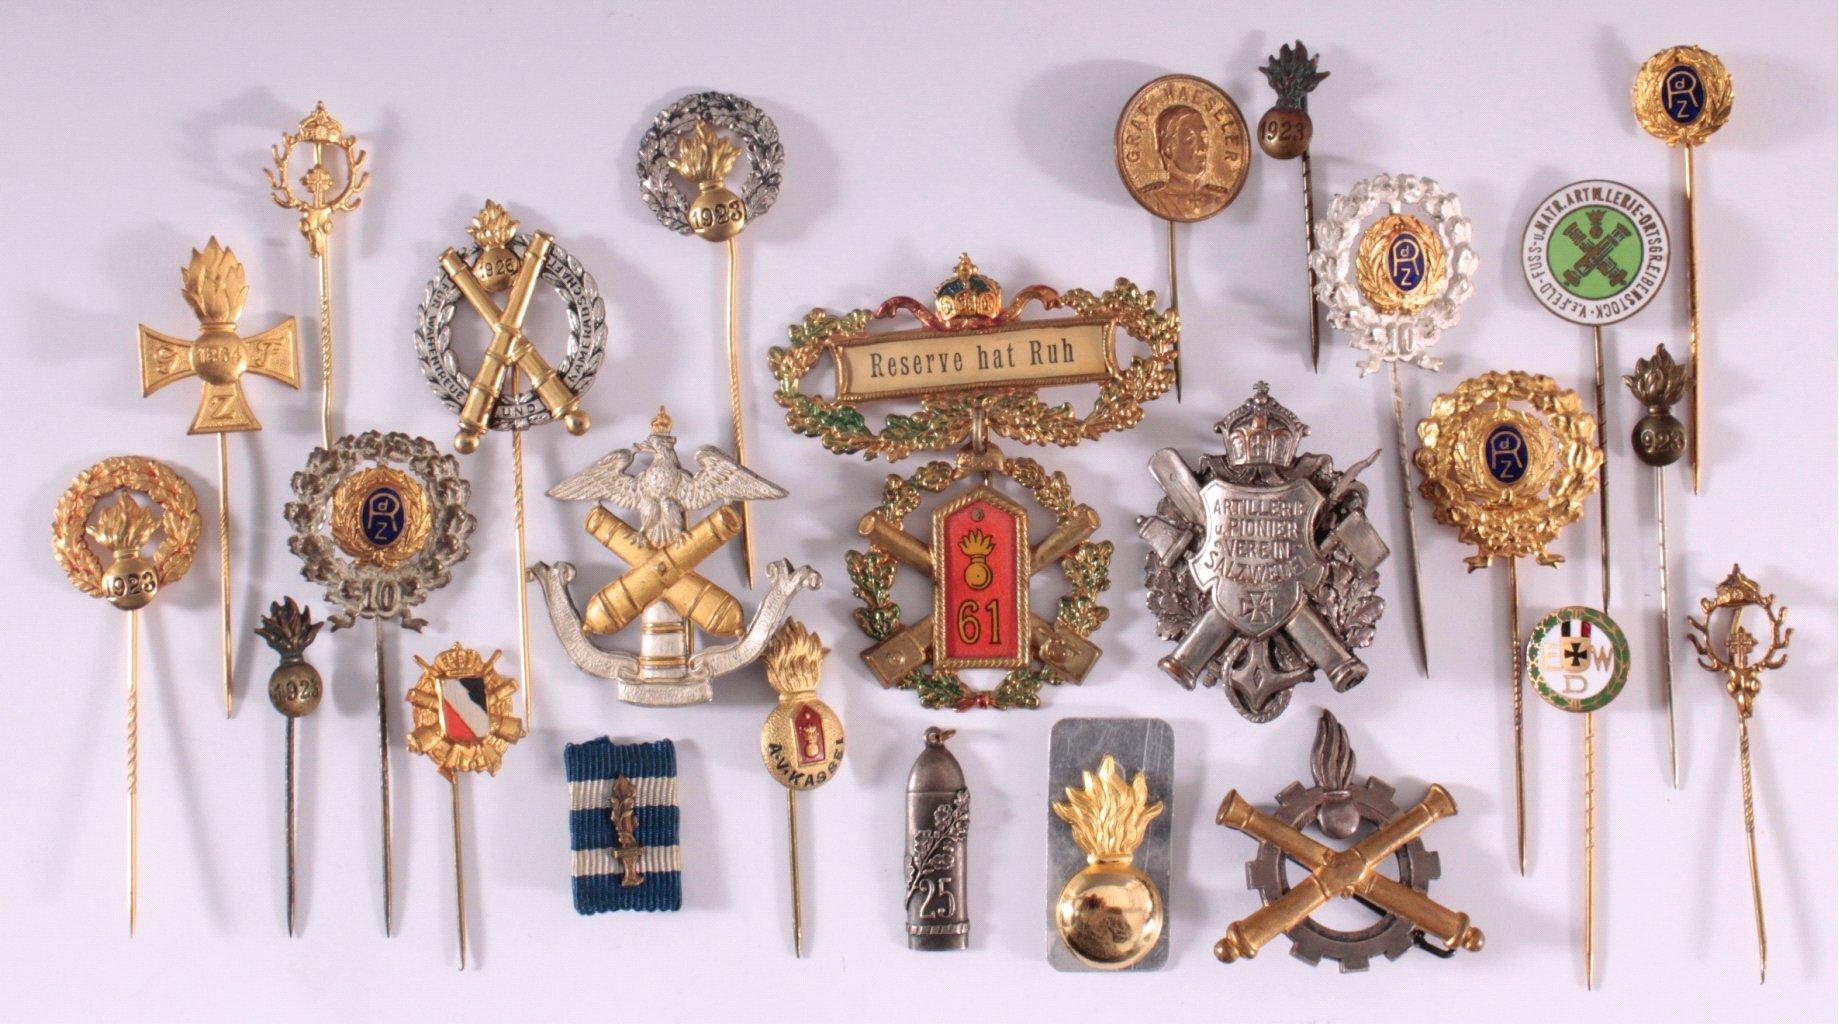 Abzeichen Deutscher Artillerie Vereine um 1900